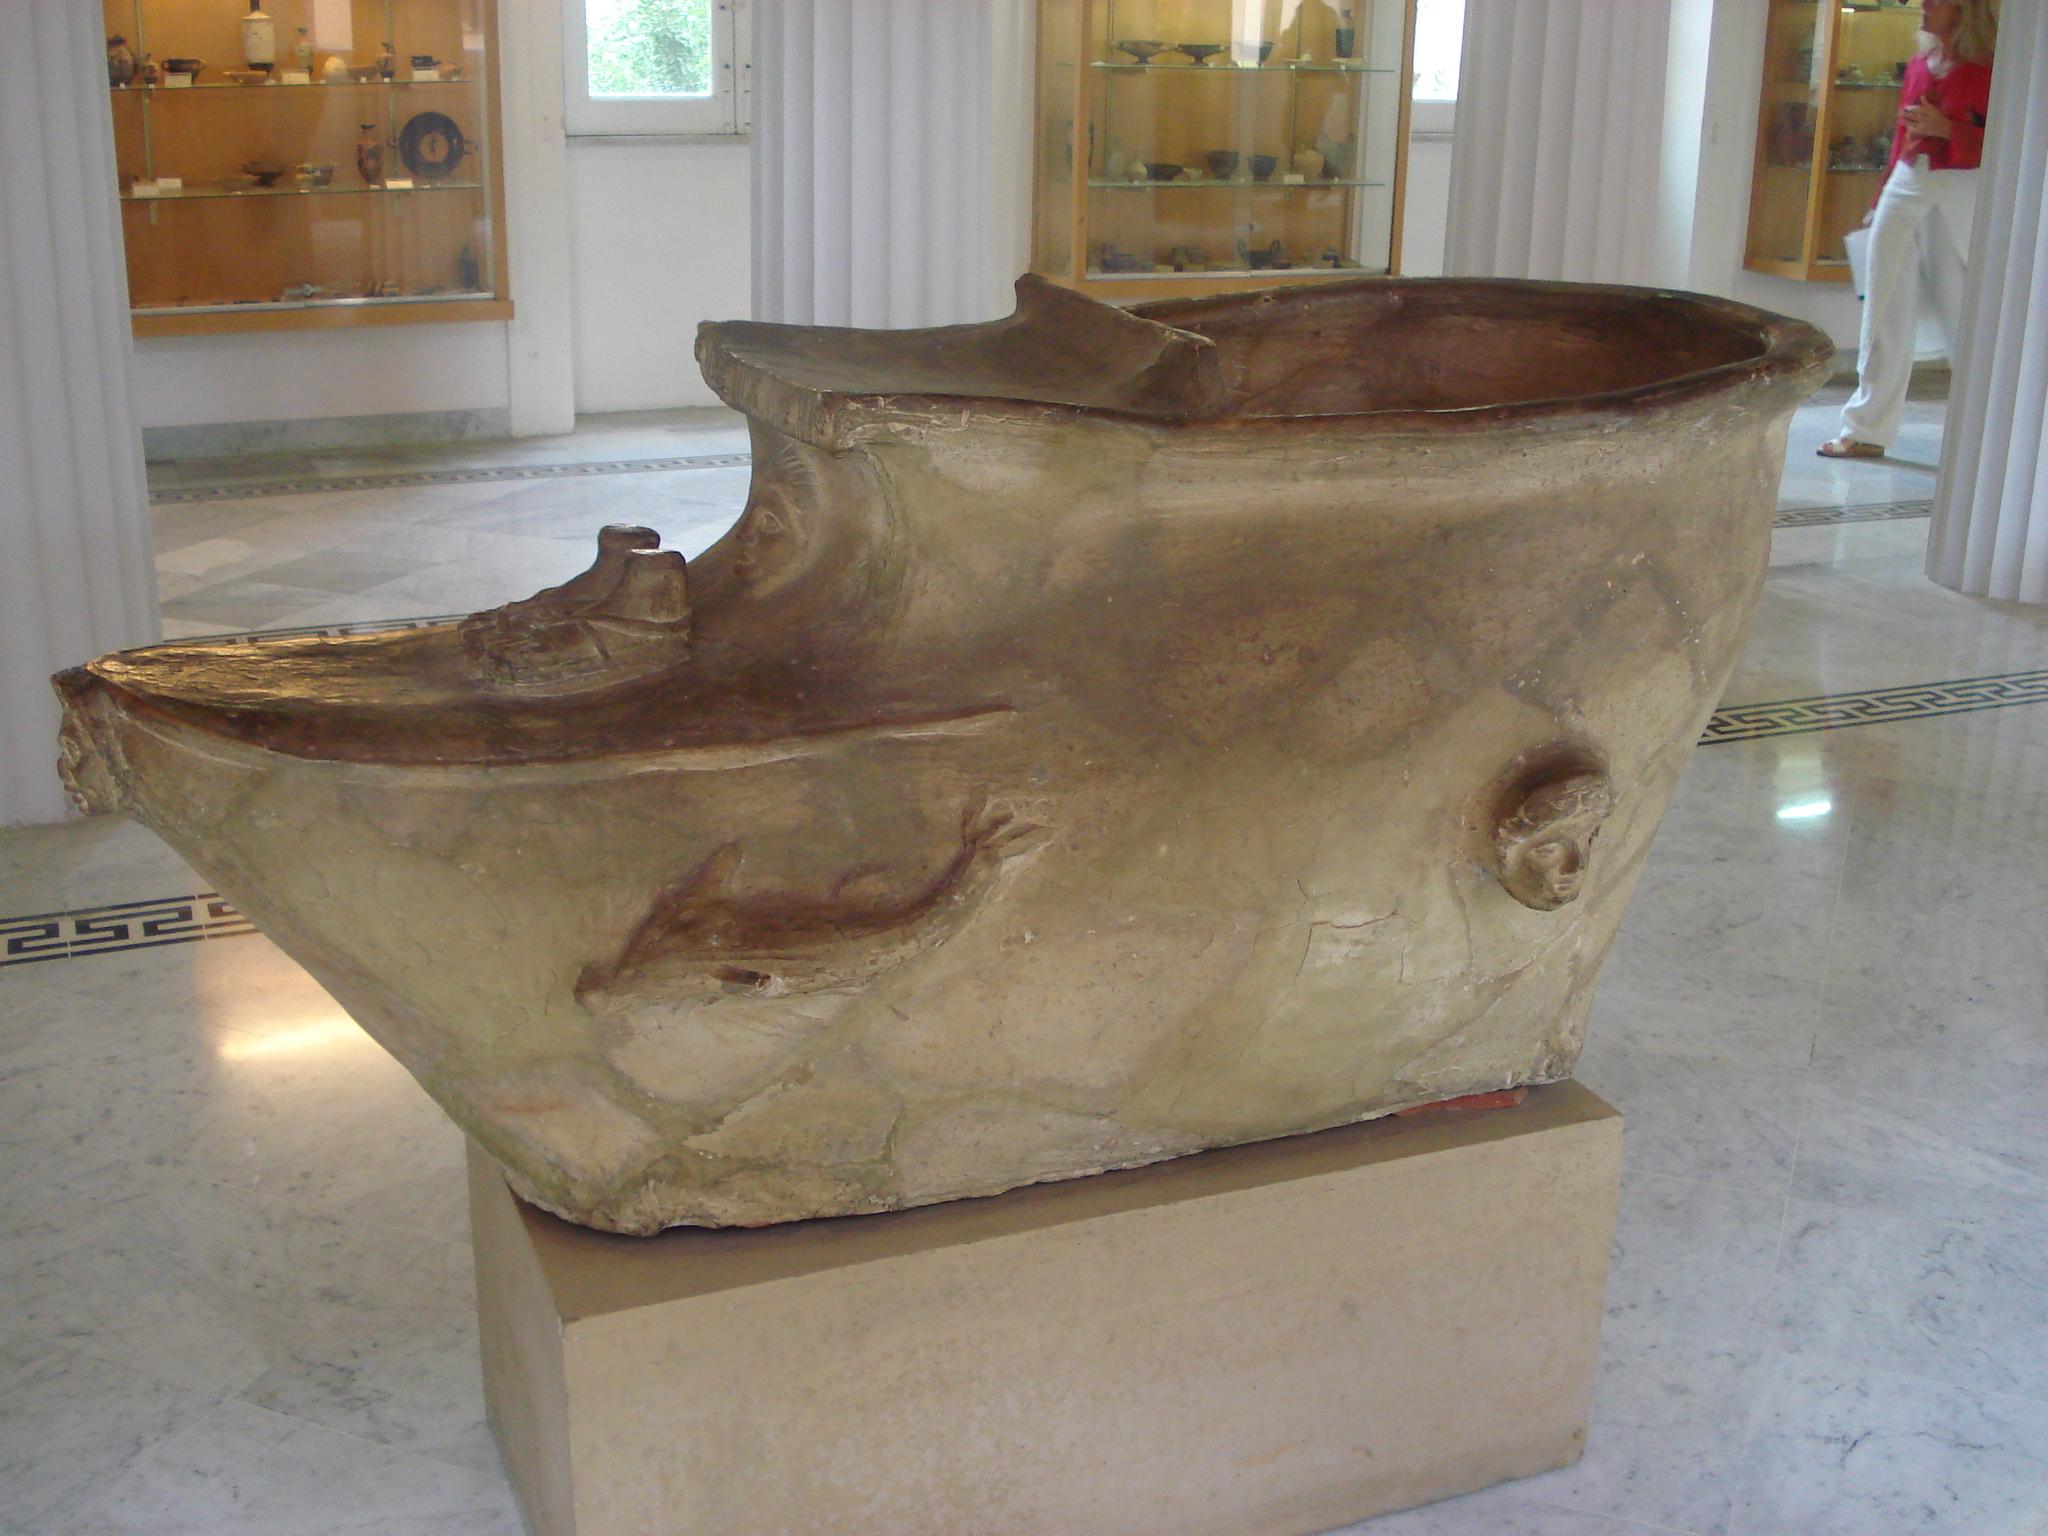 File vasca da bagno sec v a c da agrigento 02 foto - Ladybird vasca da bagno ...